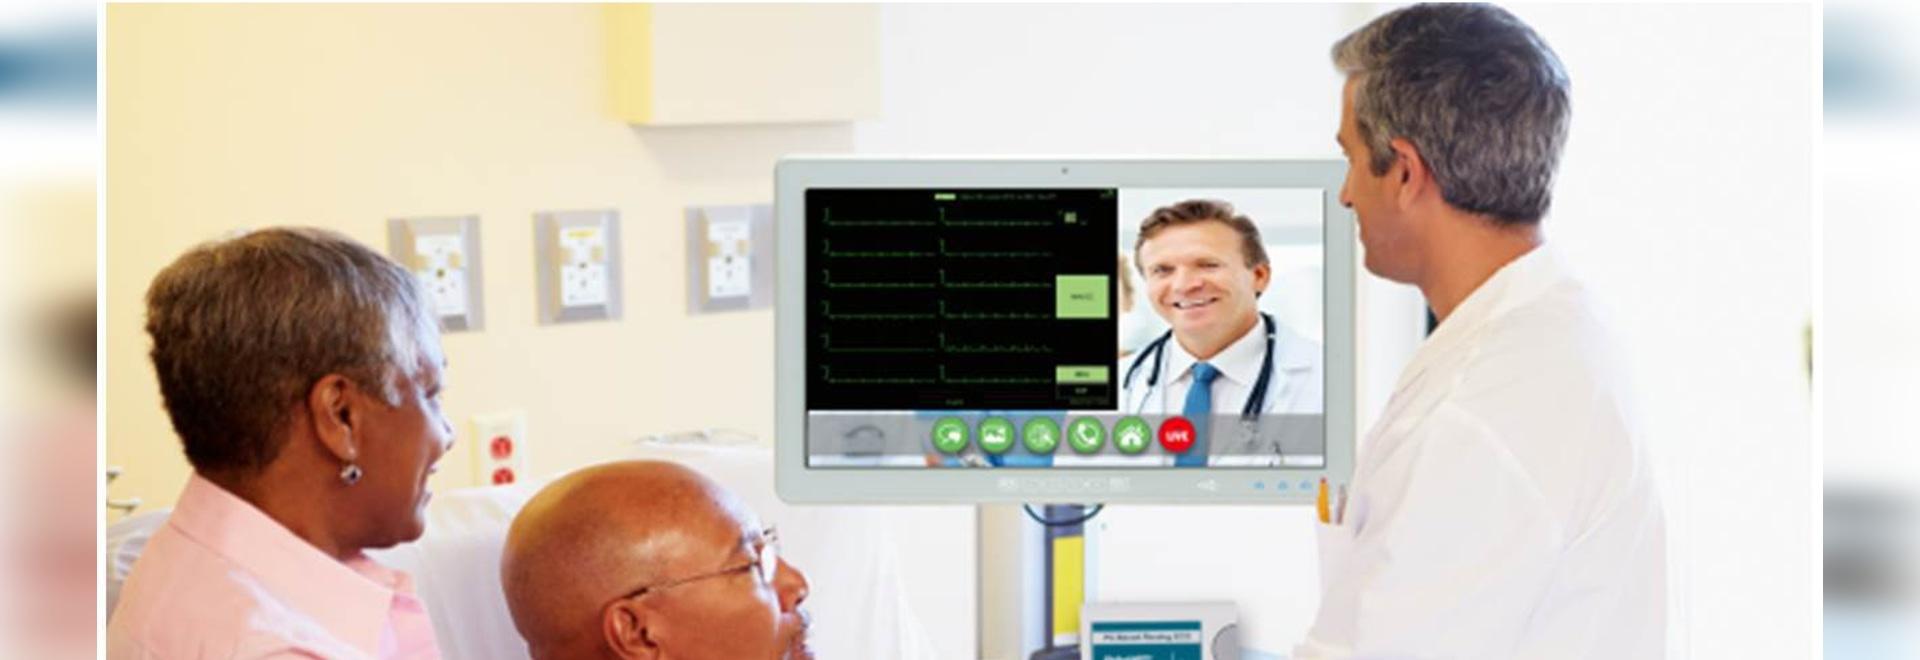 BriteMED® Tele-cardiology Workstation